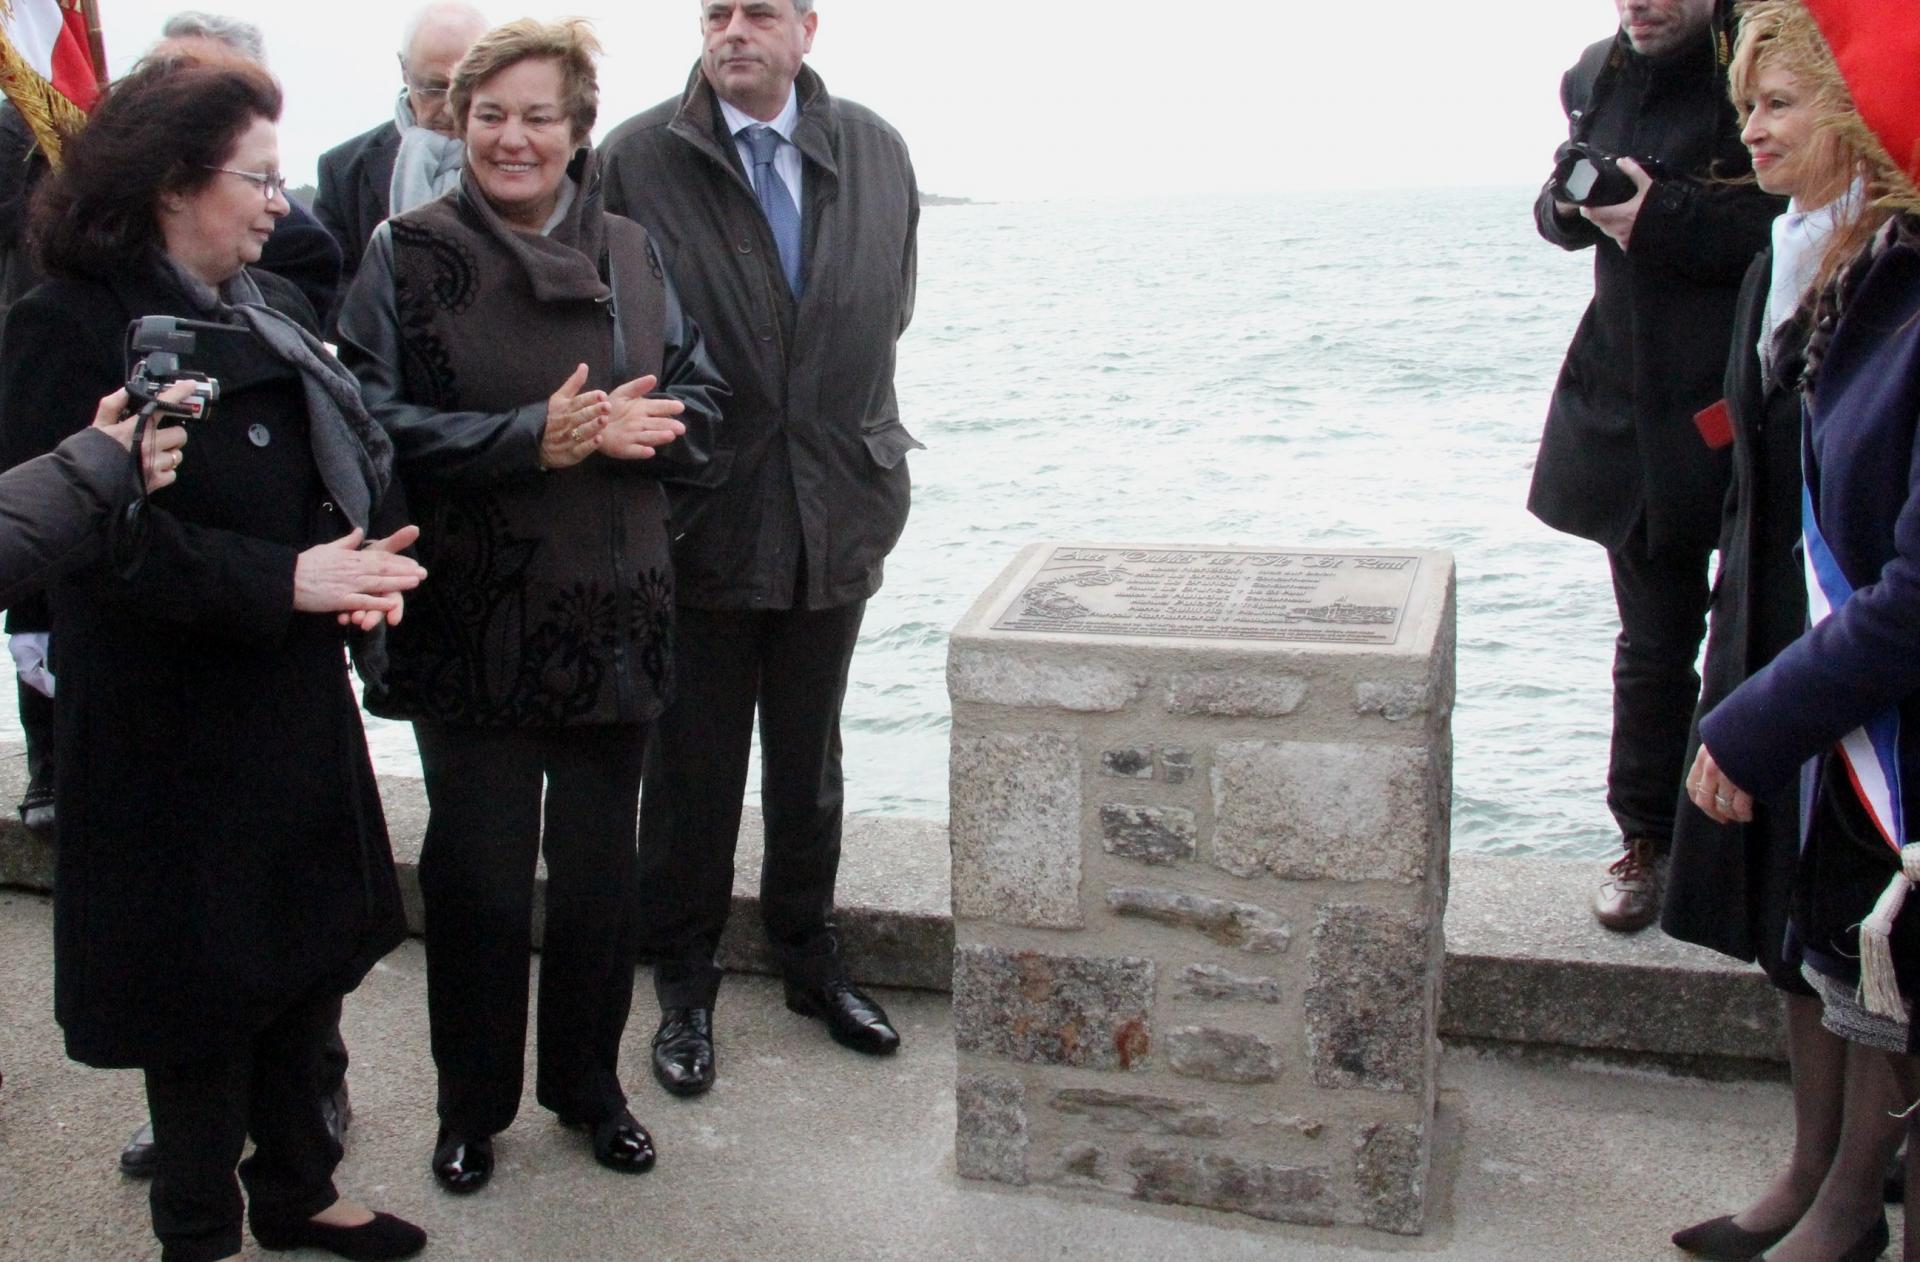 La plaque commémorative, identique à celle déposée sur l'île,  enfin dévoilée